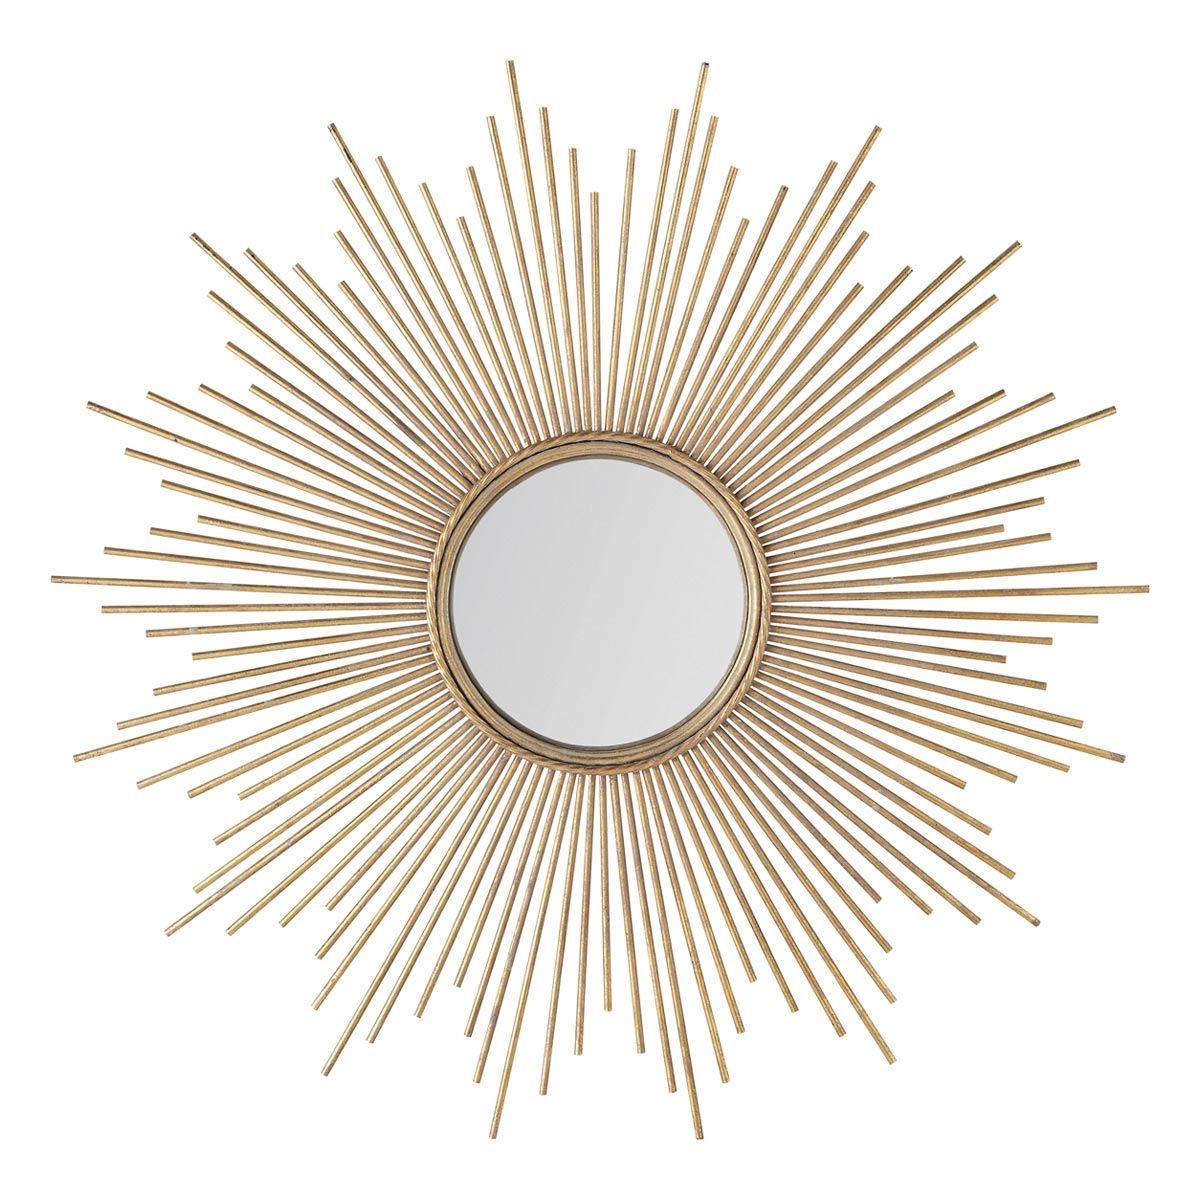 9 miroirs soleil pour d corer vos murs avec style metal